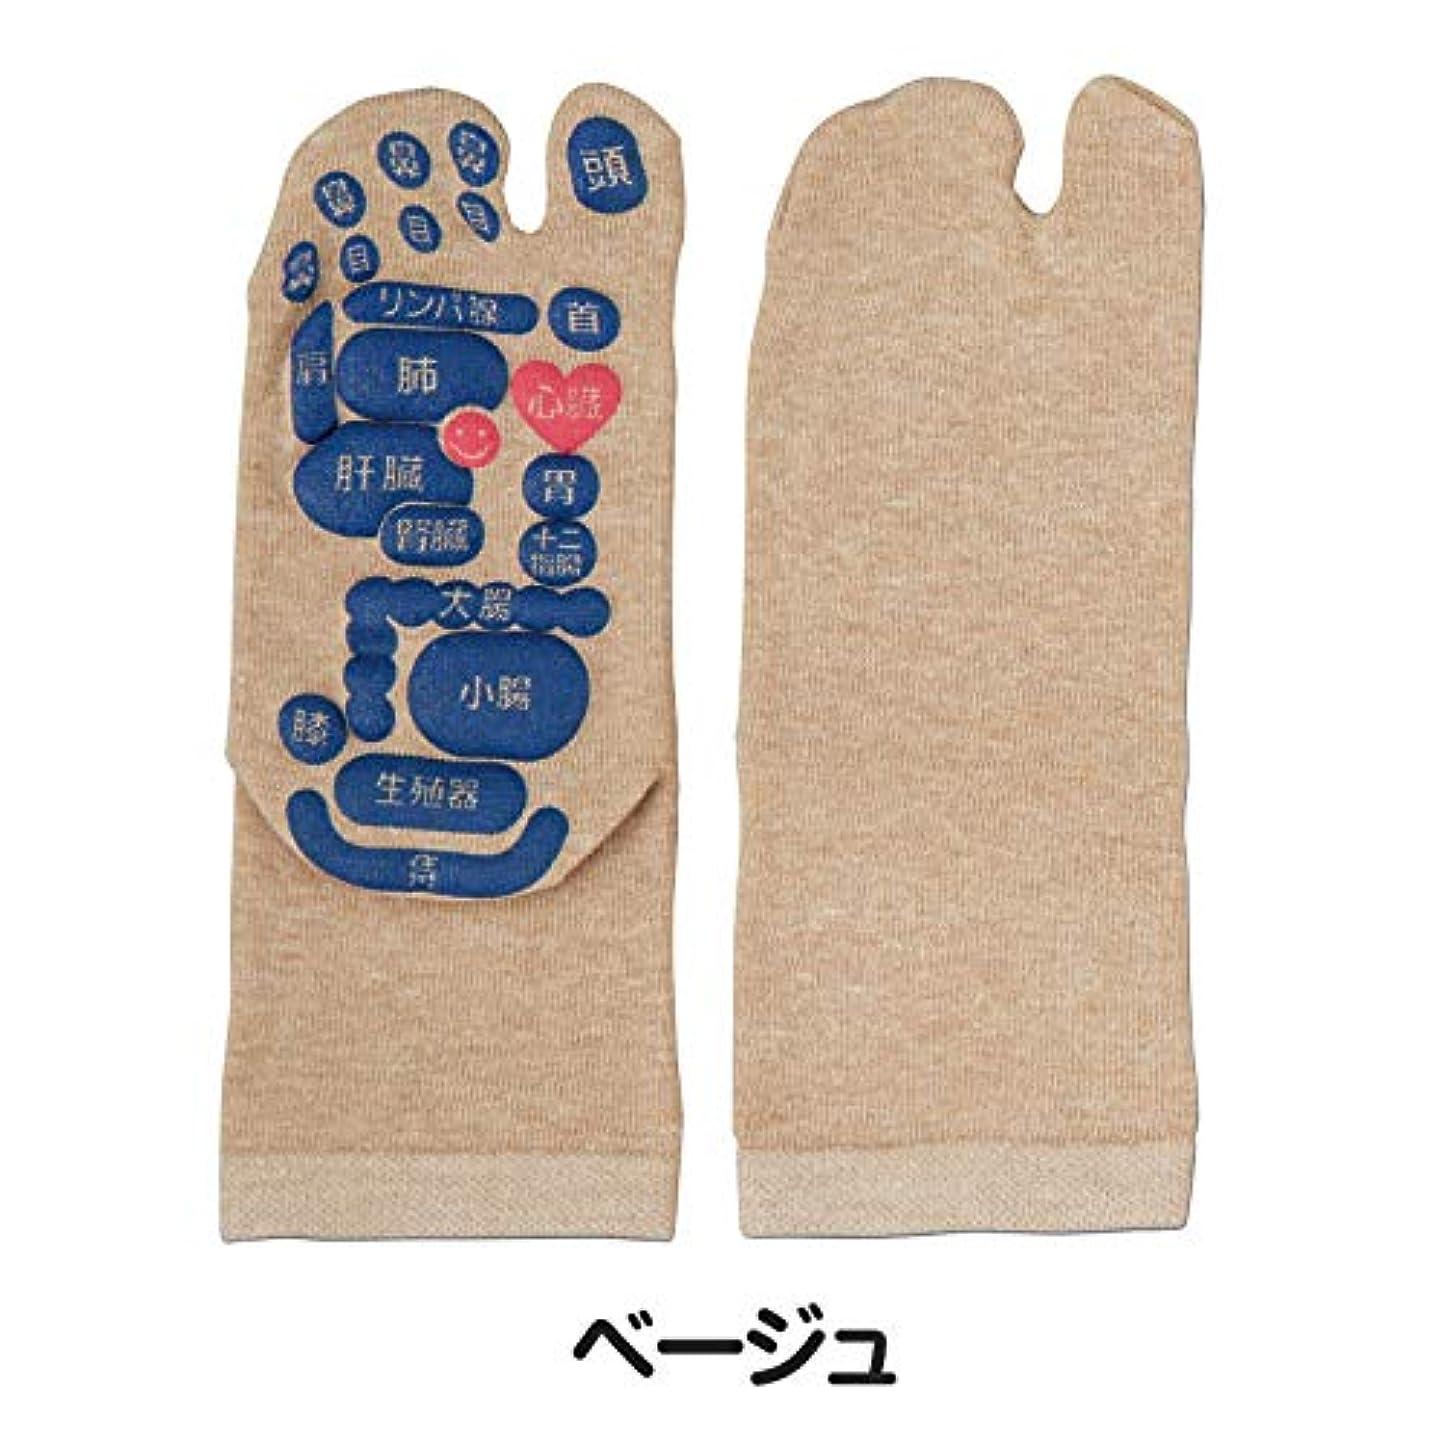 ジェット葉巻組み合わせつぼマップ 足袋ソックス ベージュ 22-25cm